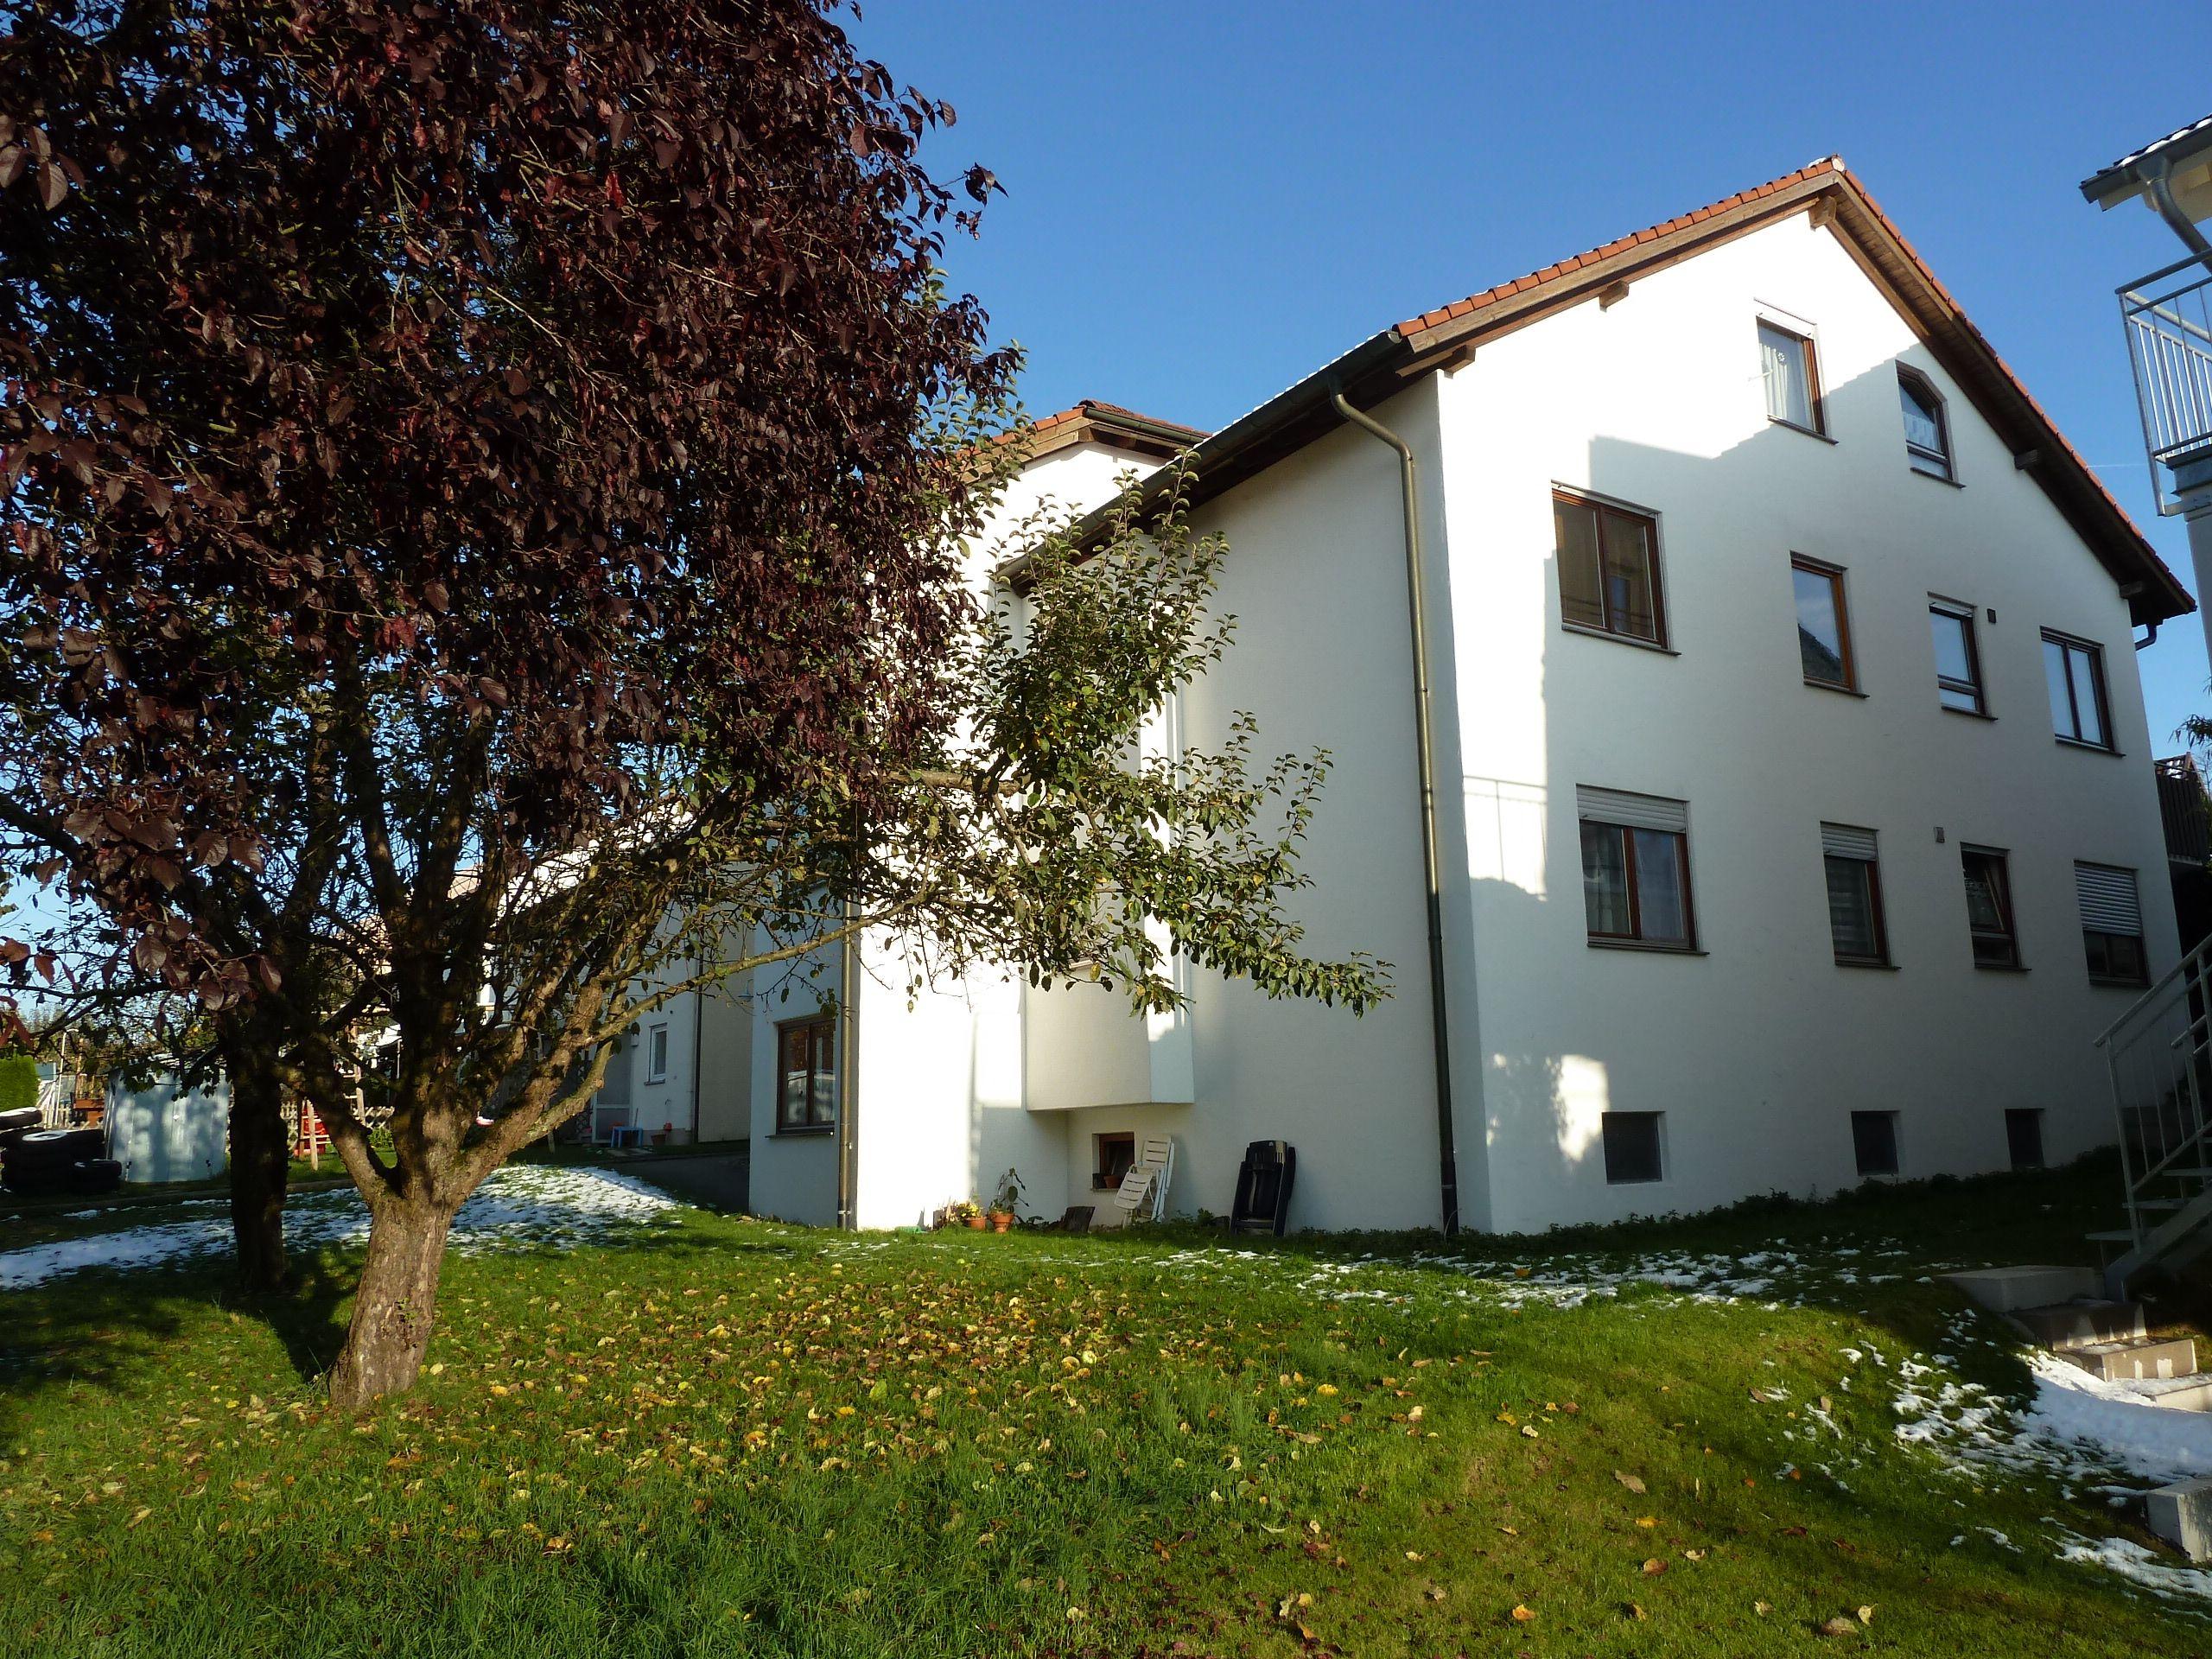 2-Zimmer-Studiowohnung – Himmelreichstraße 19, Kirchentellinsfurt